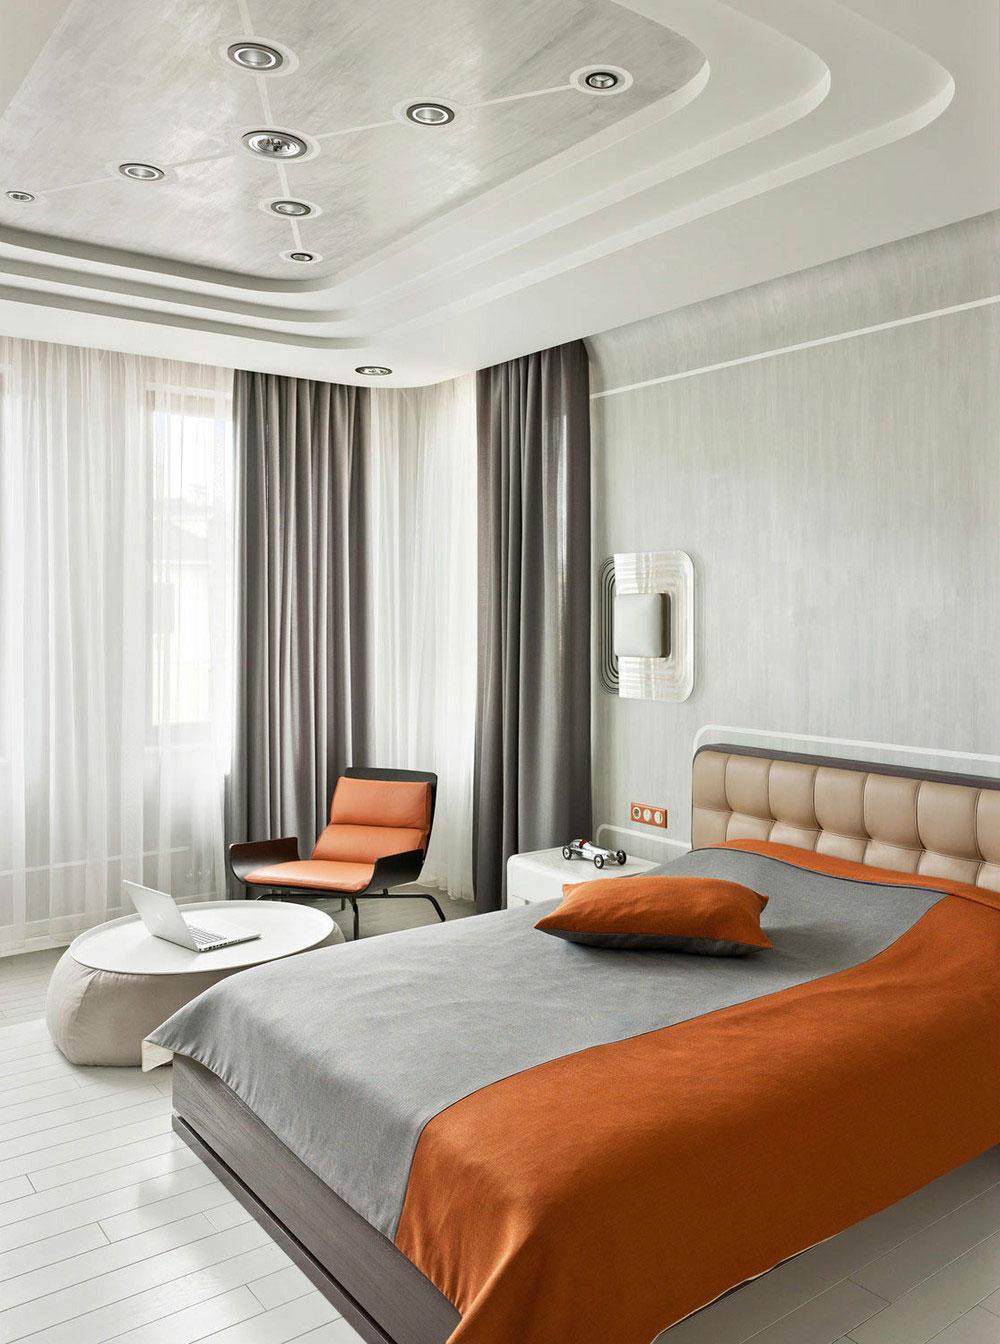 Великолепные шторы в дизайне интерьера помещения